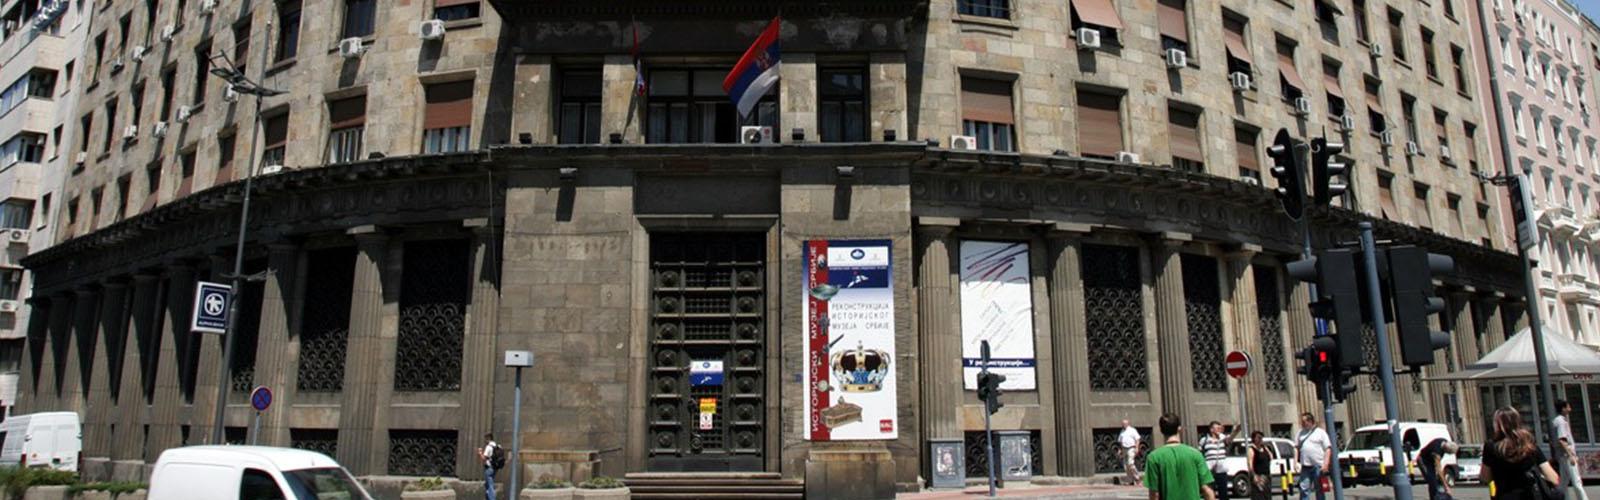 Concierge Belgrade | Istorijski muzej Srbije